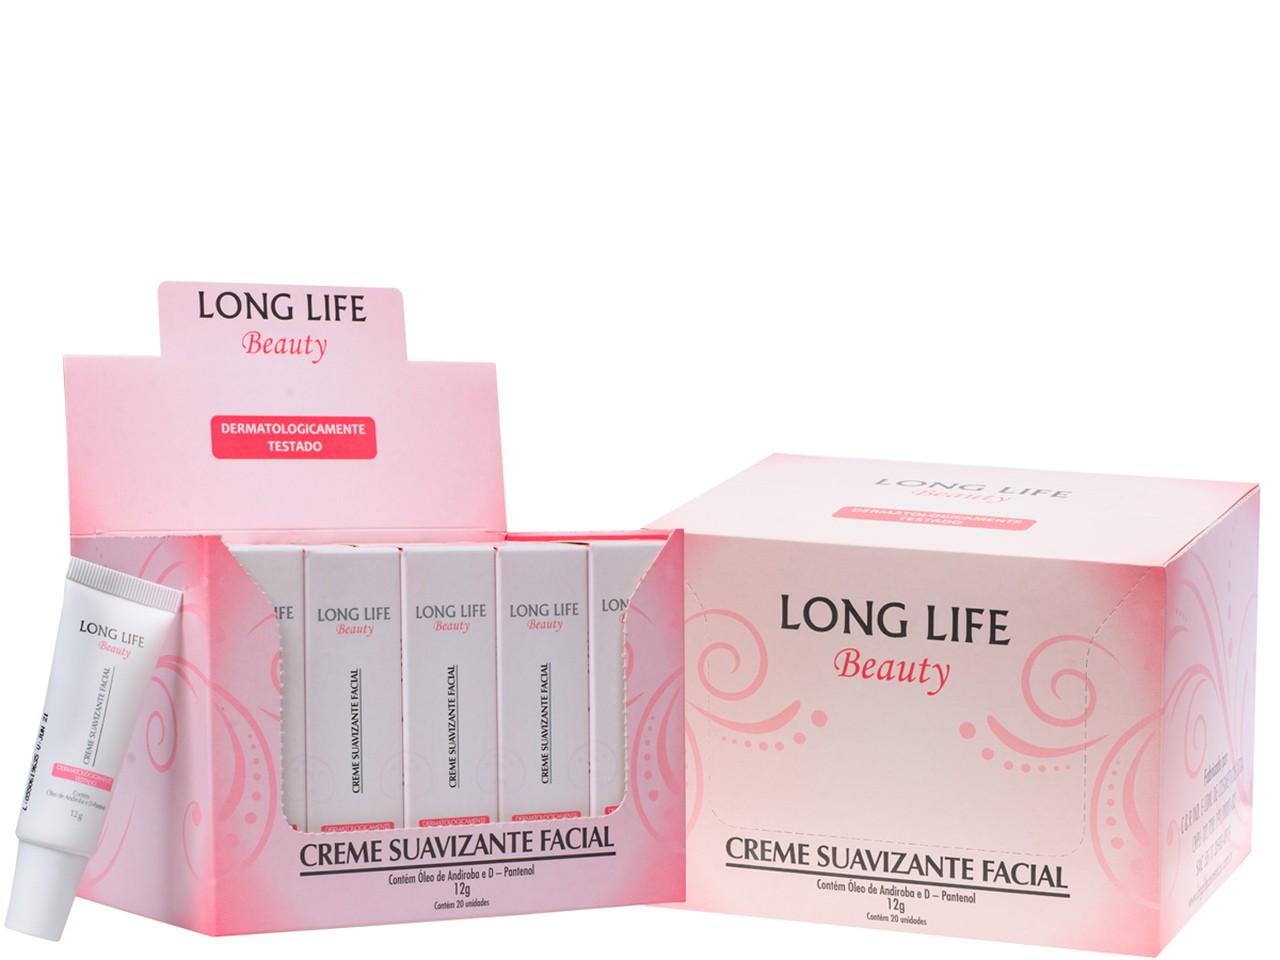 Creme Pós Micropigmentação - Long Life Beauty 12g - ( 2 caixas ) Tratamento Pós Micropigmentação